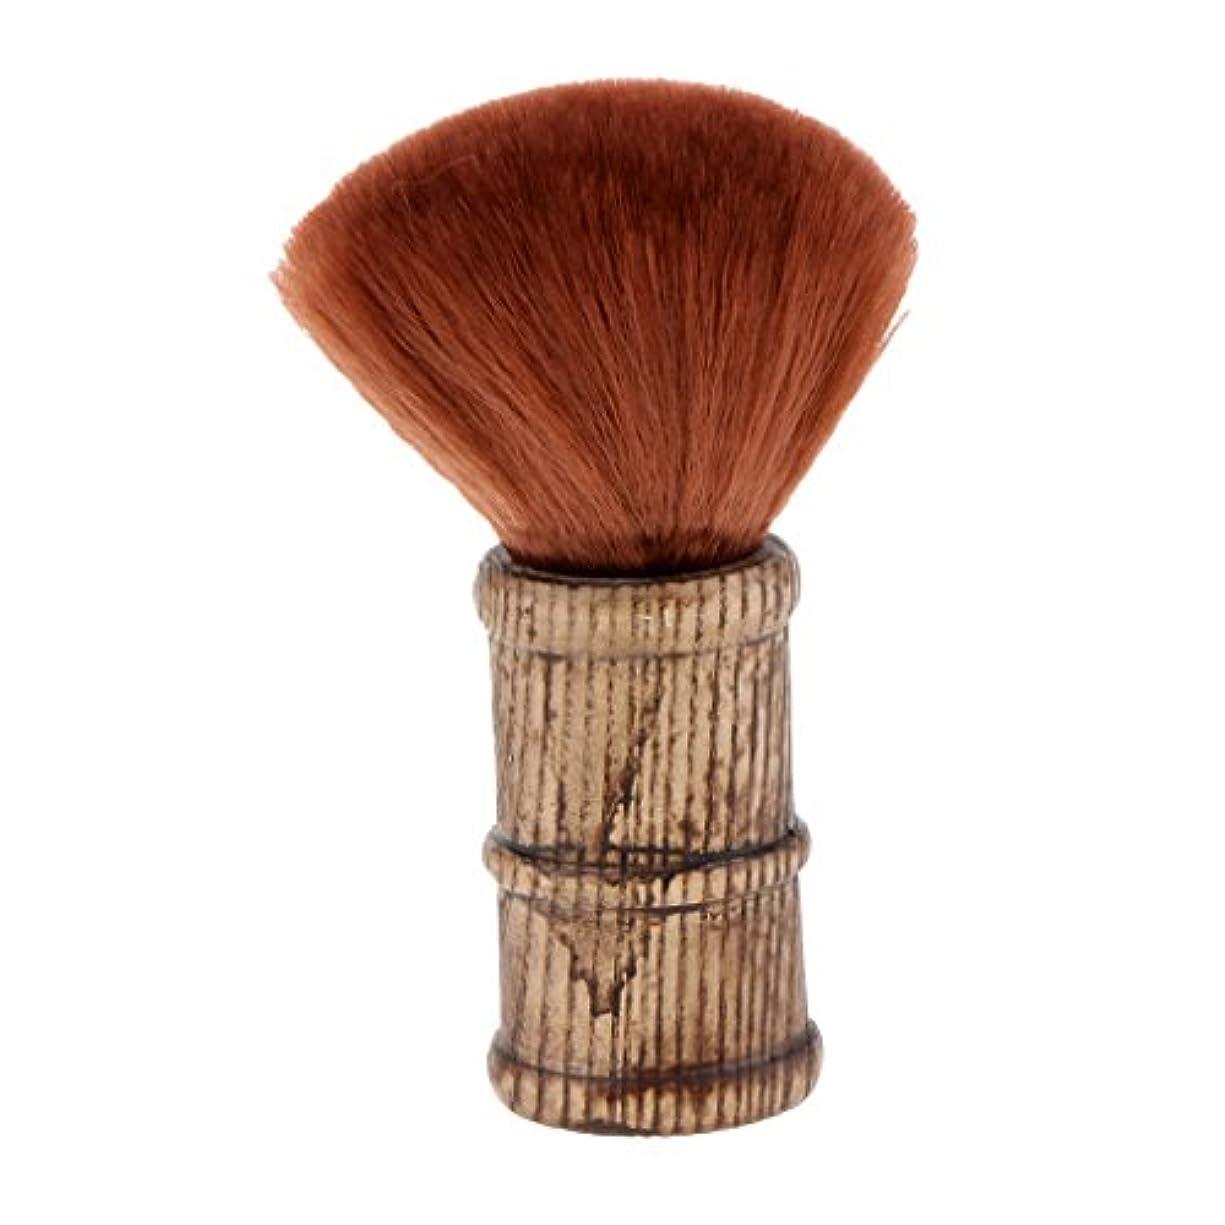 口述する運ぶマッシュネックダスターブラシ ヘアカットブラシ メイクブラシ サロン 理髪師 散髪 ブラシ 滑り防止 耐久性 2色選べる - 褐色